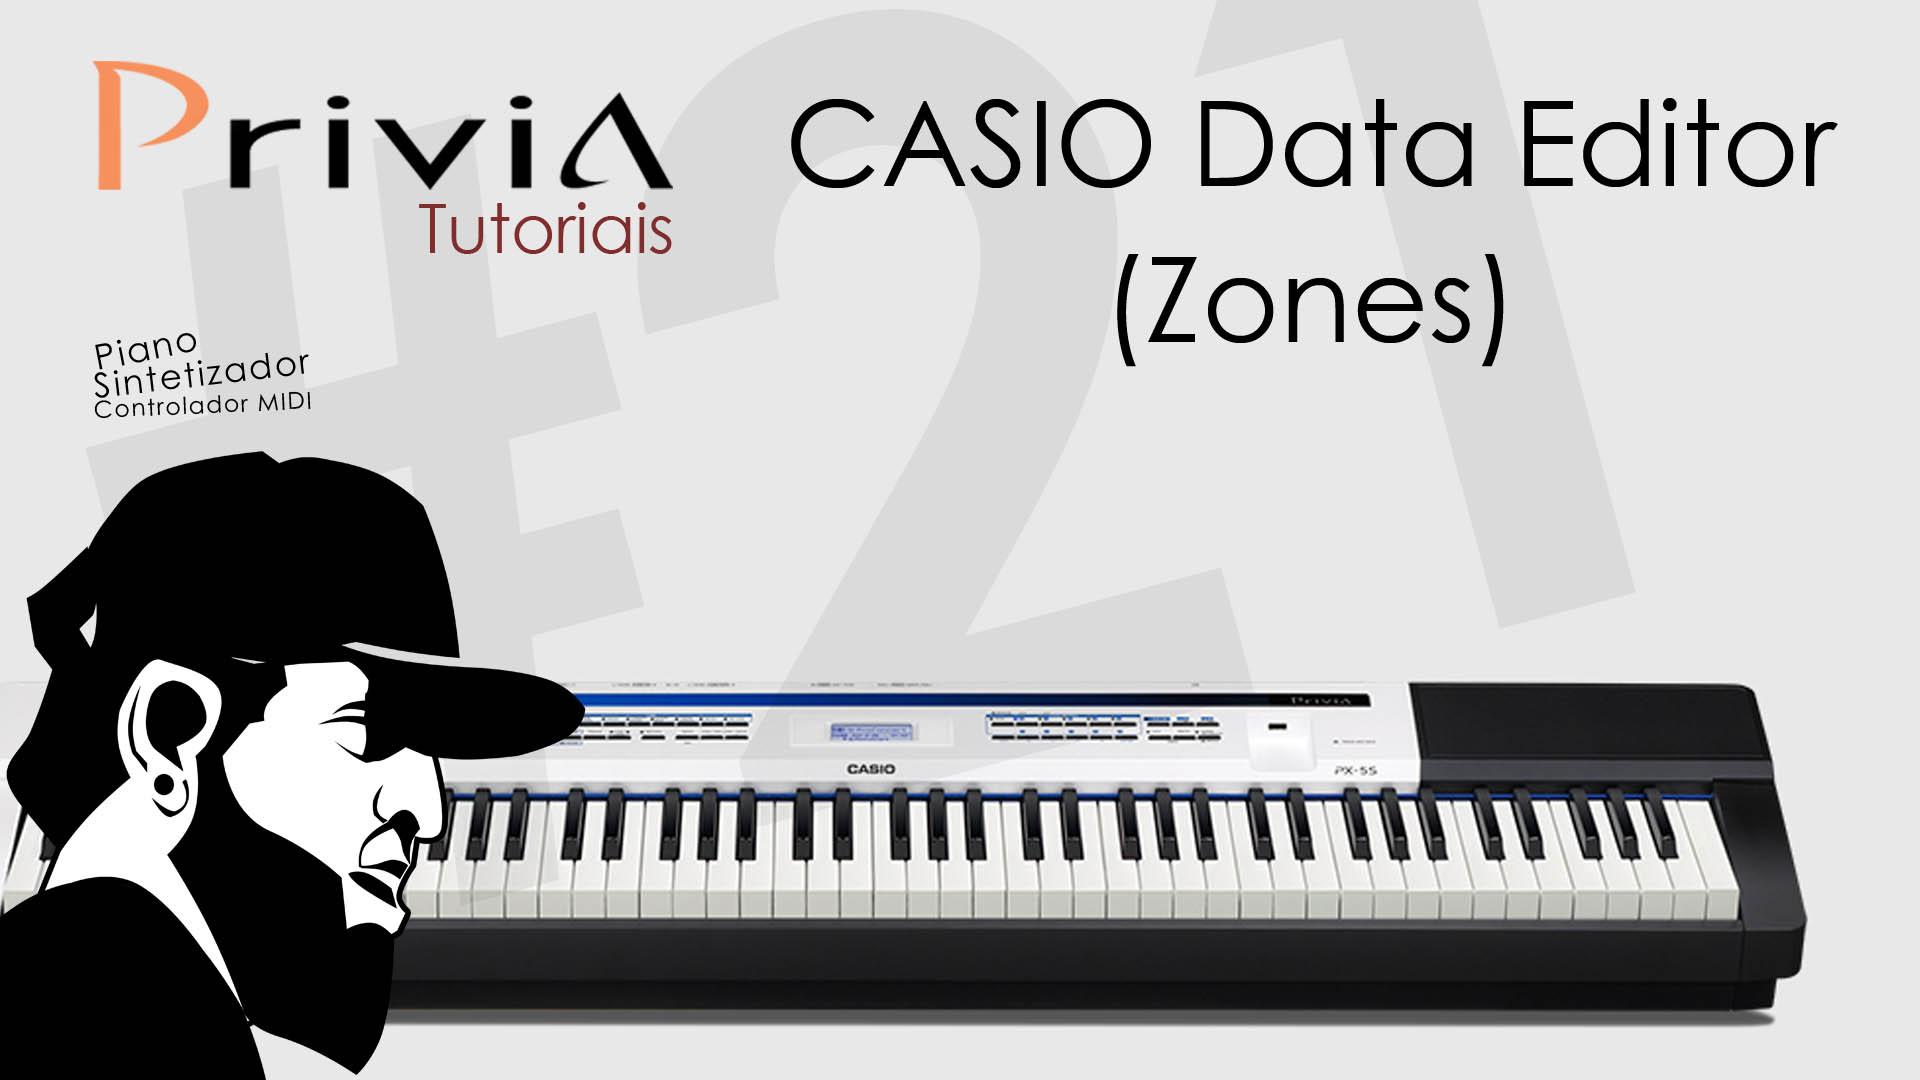 Introdução – Como Usar o Casio Data Editor for PX-5S? (Zonas)